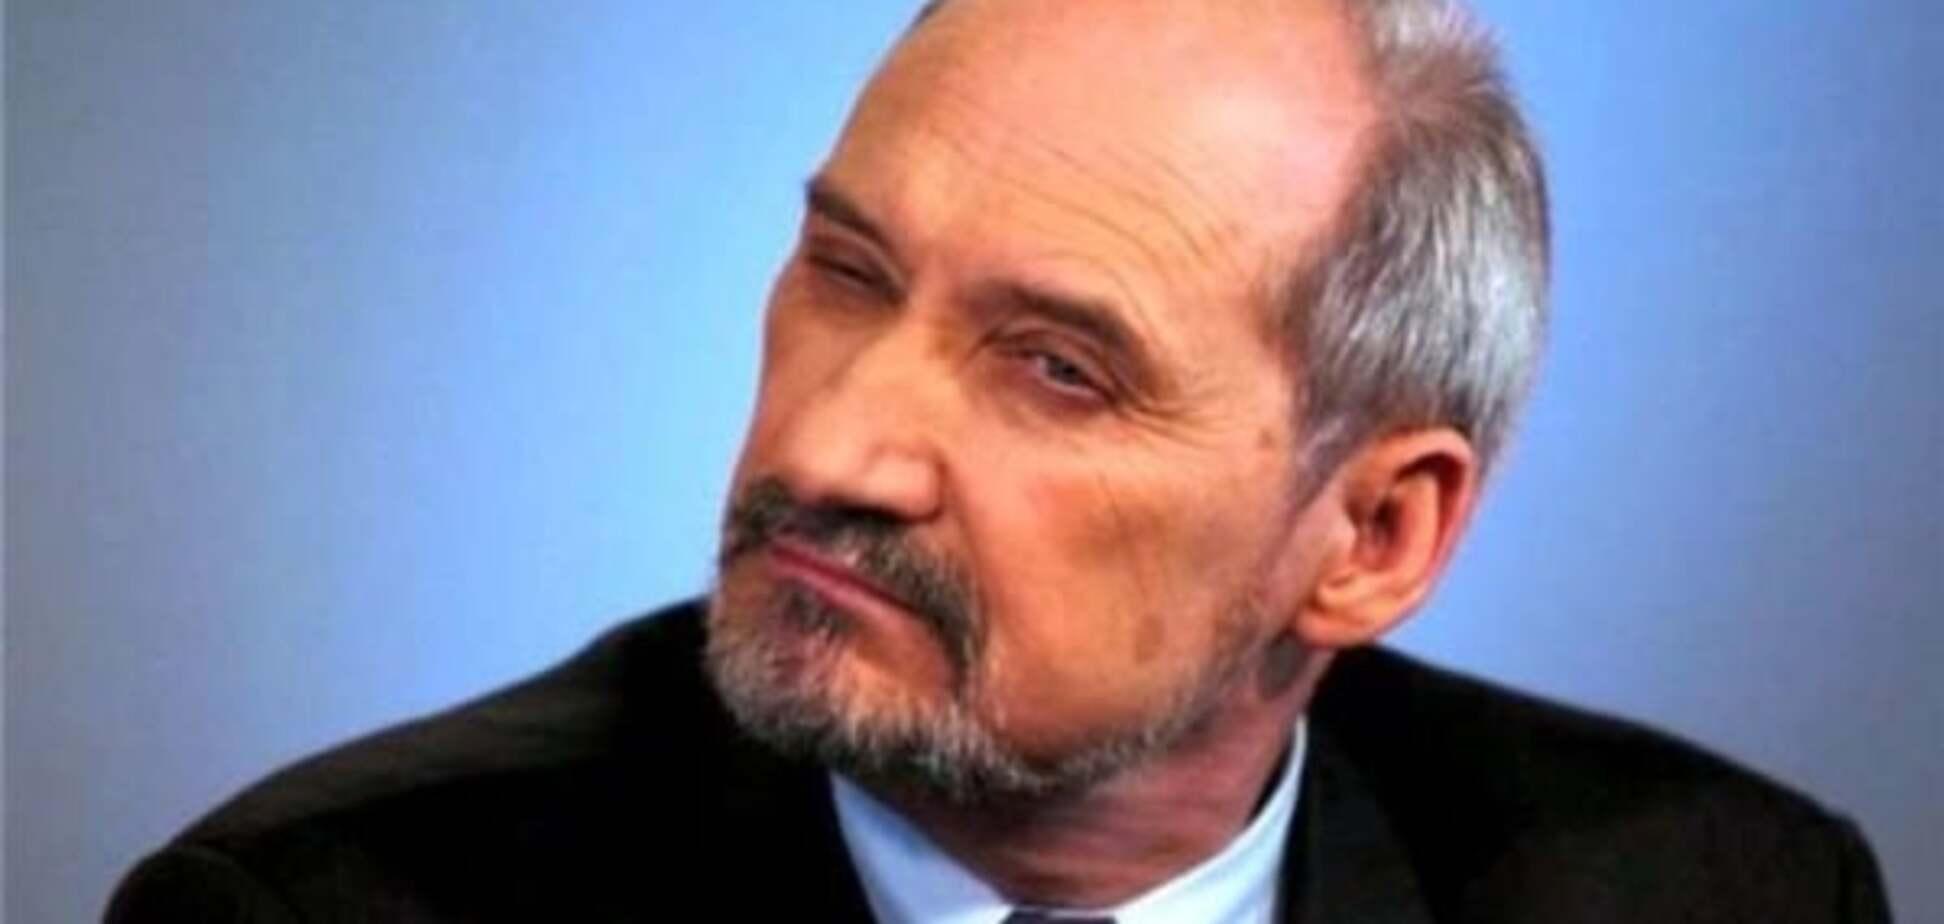 Конфликт на почве Волынской резни еще сыграет на руку РФ - российский политолог